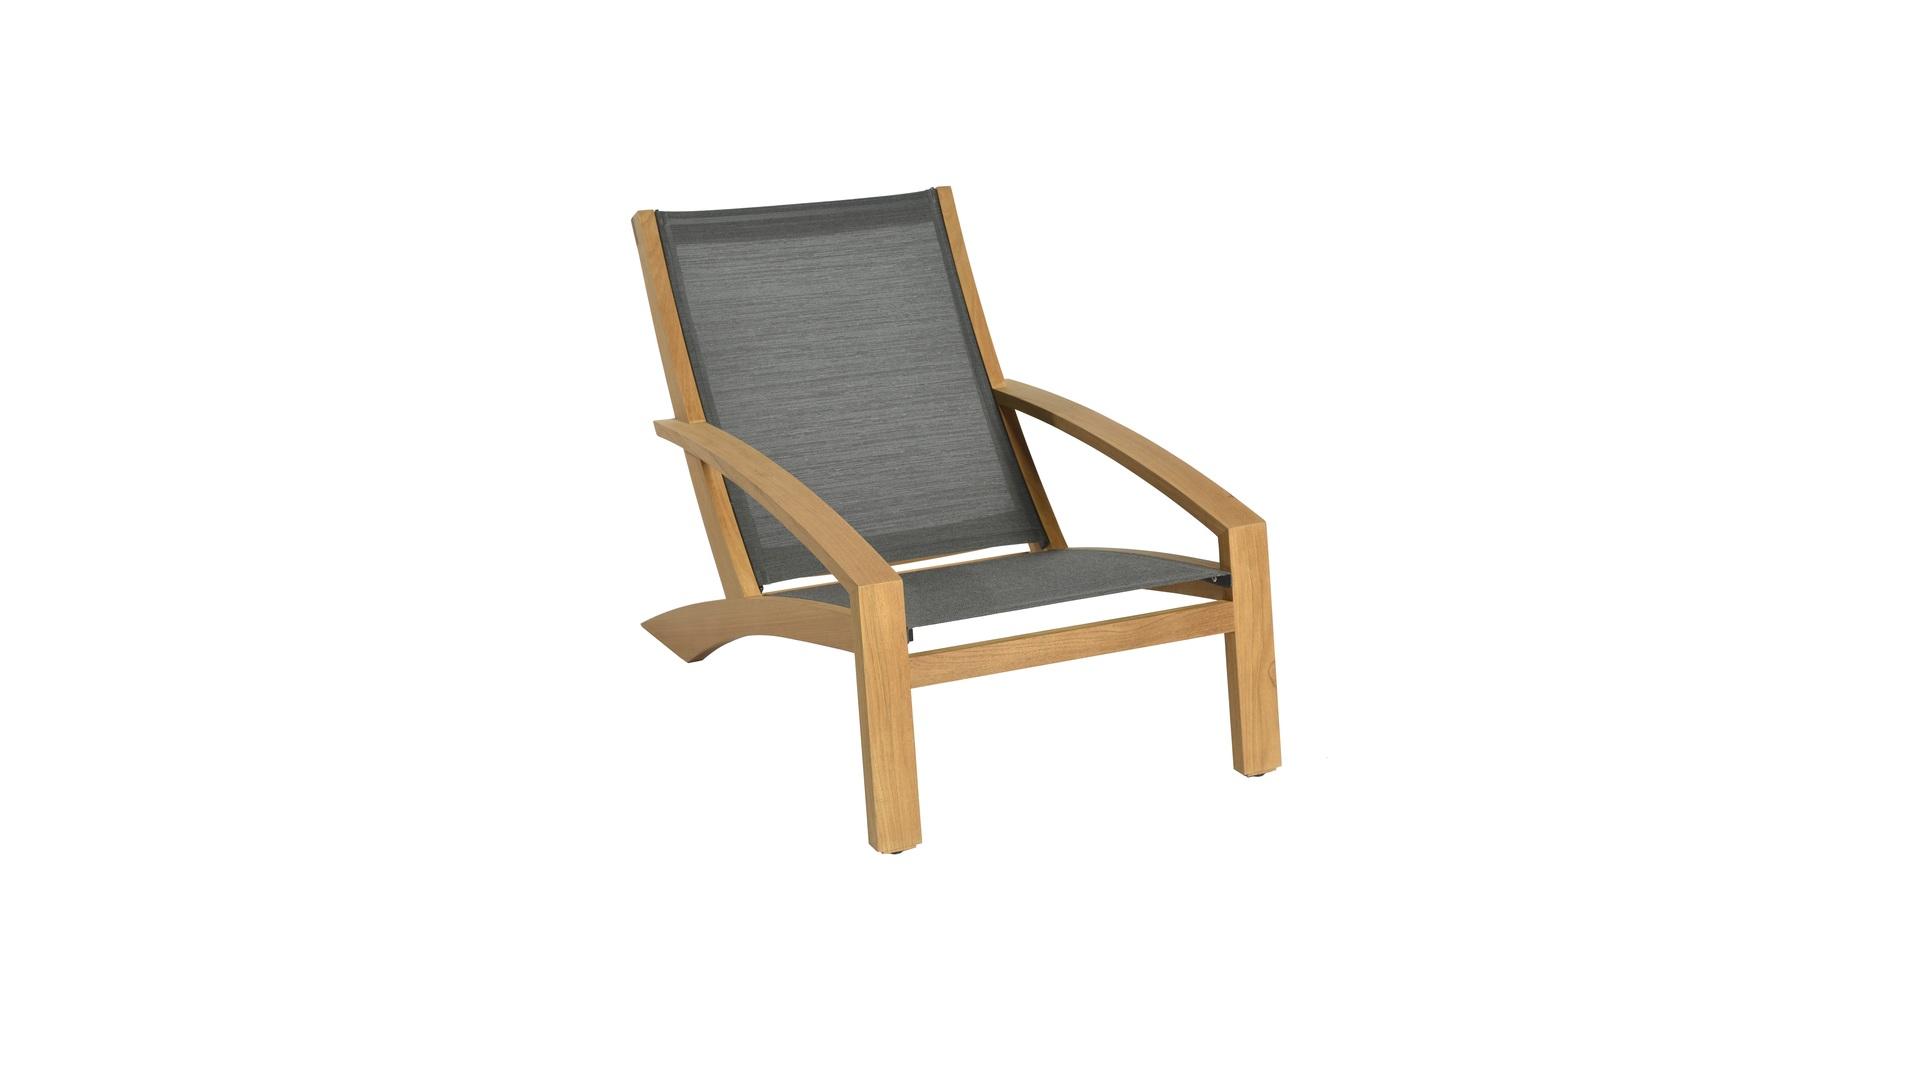 2020 Borek teak Luxx relax chair batyline shadow 5678 2.jpg